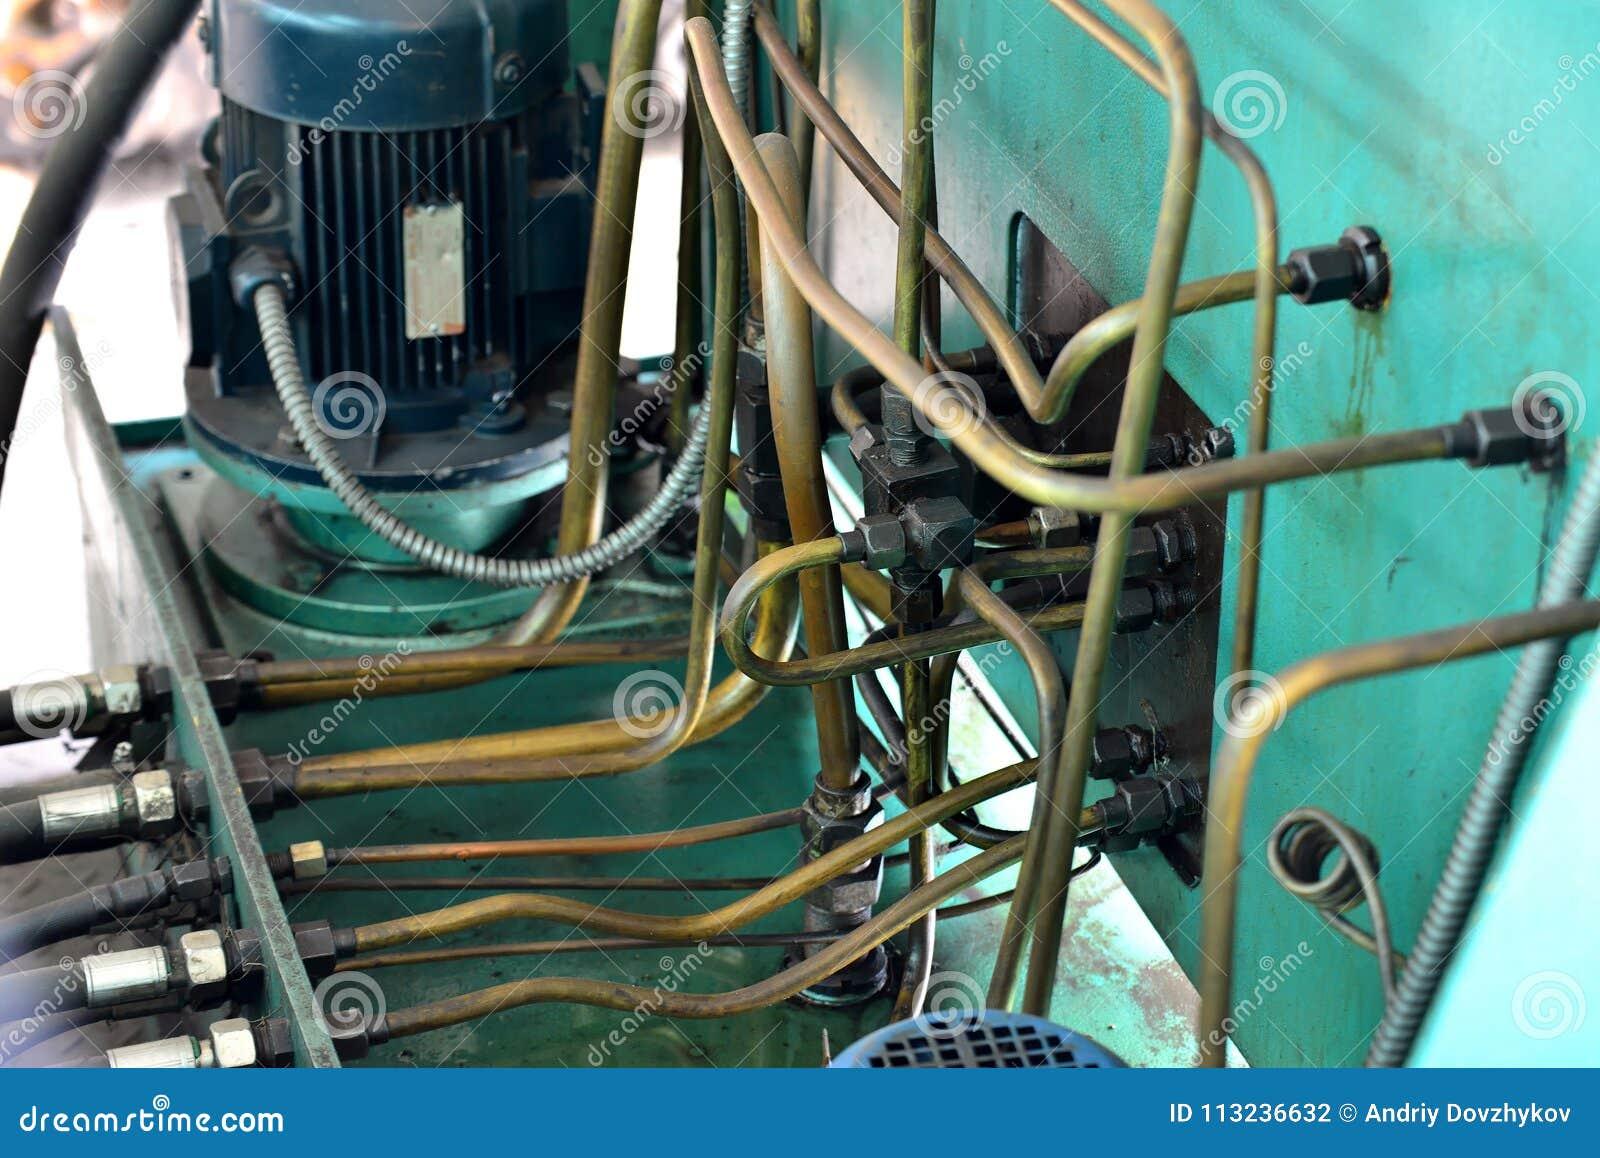 Гидротехник смазывают станцию на механическом инструменте на промышленном оборудовании Система смазки с маслом под давлением